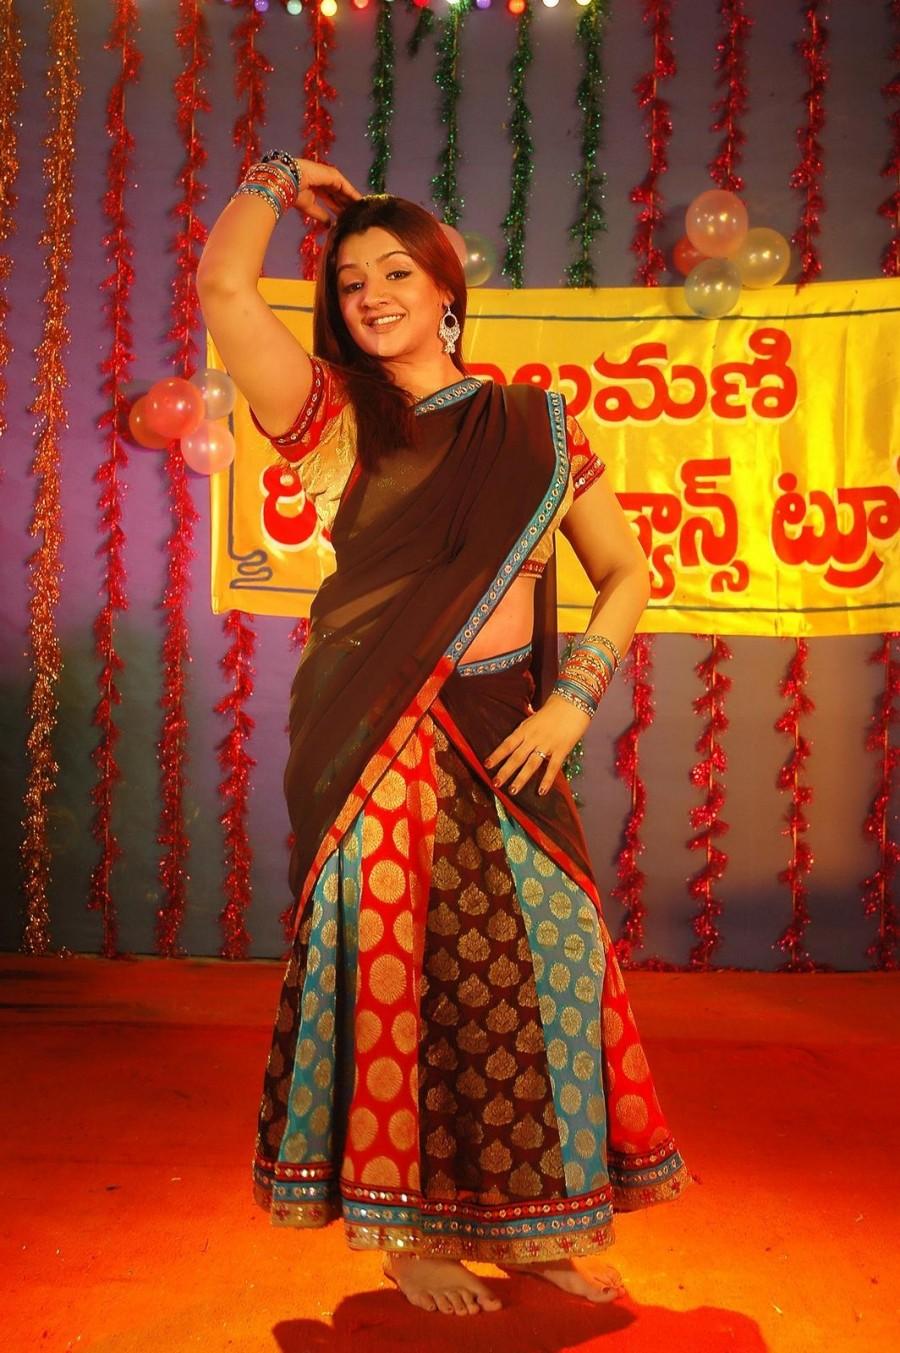 Ranam 2  Stills,Ranam 2 Movie,Ranam 2 Images,Ranam 2 (2015),Ranam 2 Photos,Images of Ranam 2,Ranam 2 Movie latest updates,Ranam2 latest photos,Ranam 2 Movie Gallery,Amma Rajashekar Ranam2,Amma Rajashekar Ranam 2 movie,Telugu Latest Updates,Telugu latest u